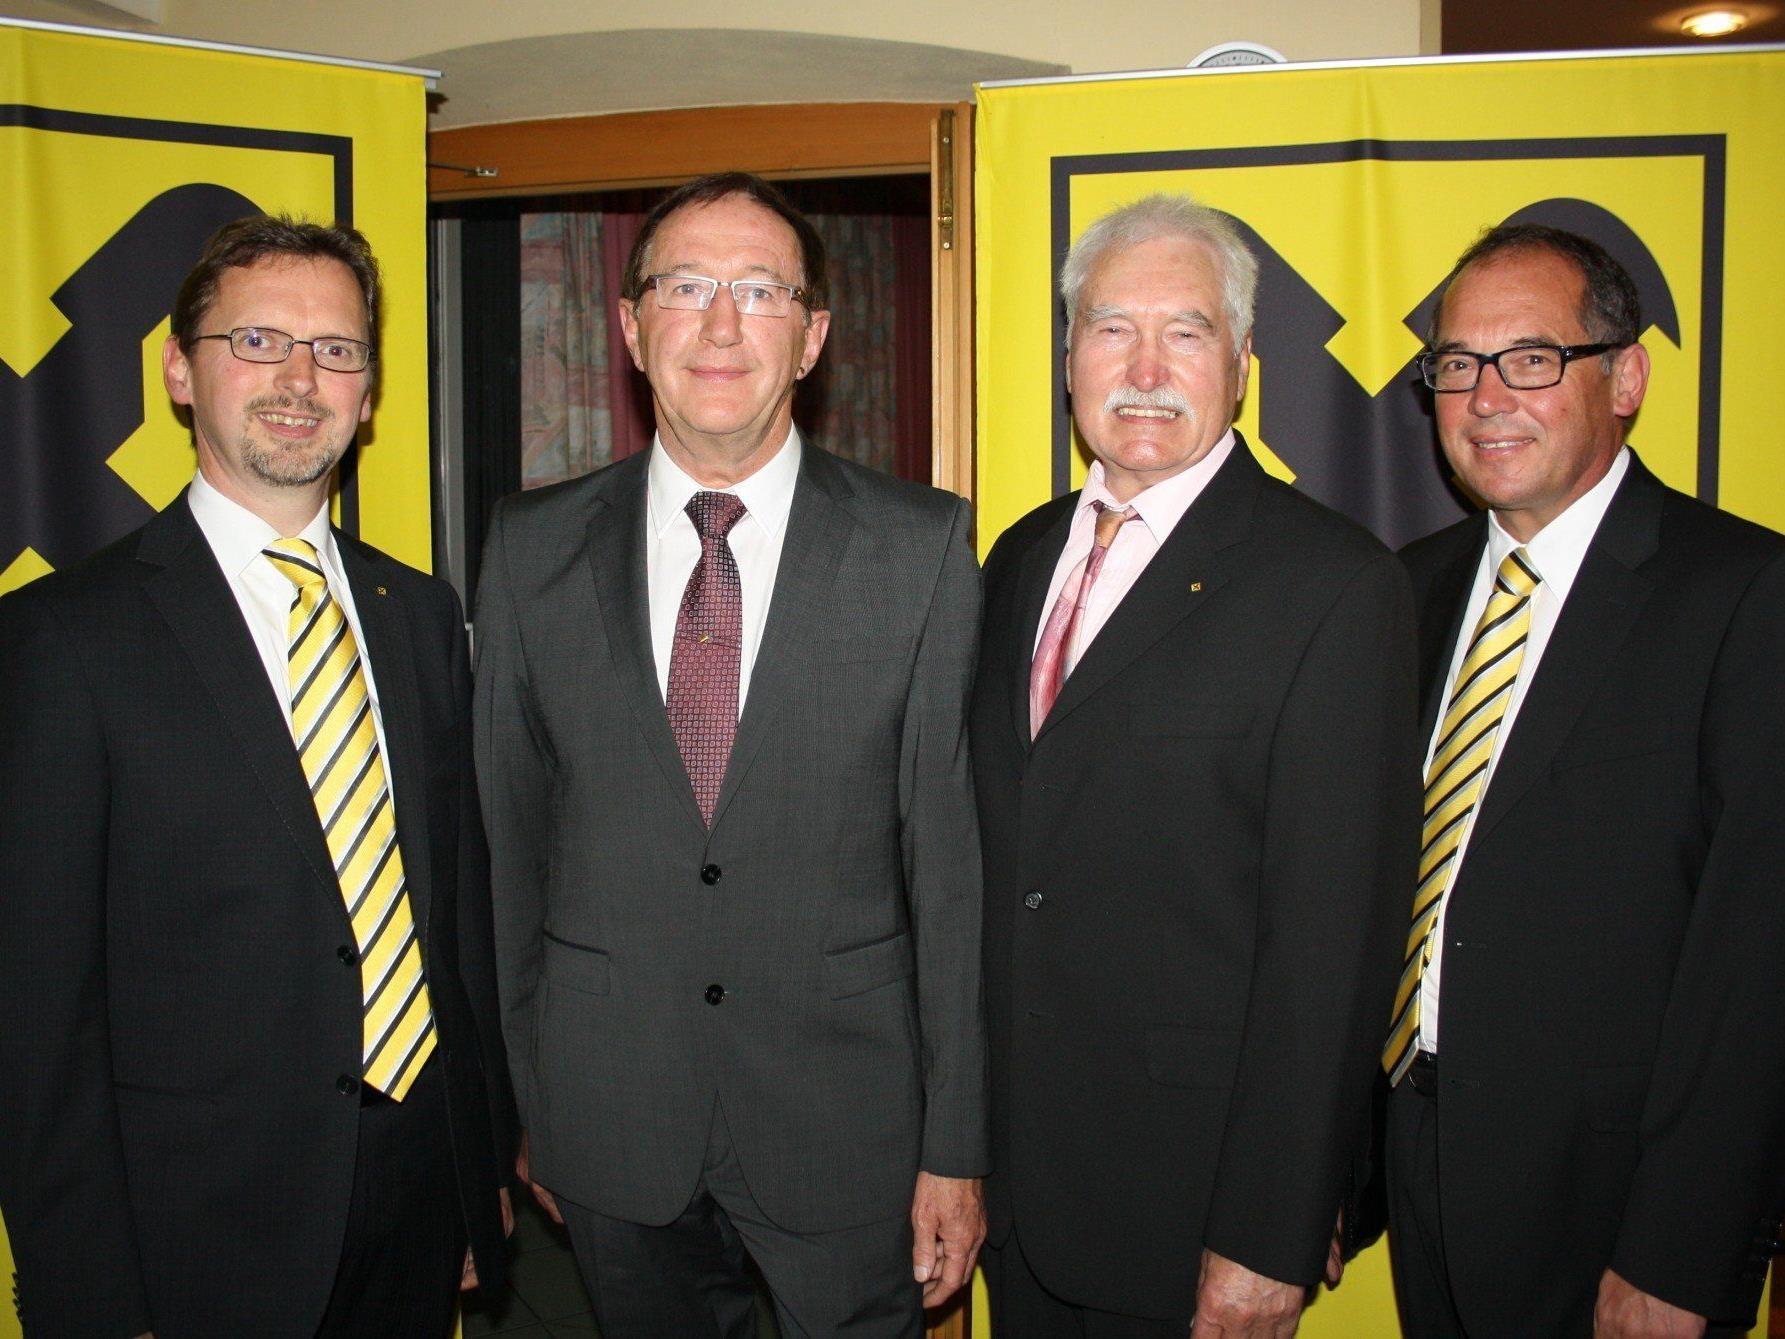 Im Mittelpunkt stand der Wechsel im Aufsichtsrat: Dir. Hubert Gieselbrecht, der neue AR-Vorsitzende DI Wilhelm Köb, Siegfried Kern und Dir. Gustav Kathrein.